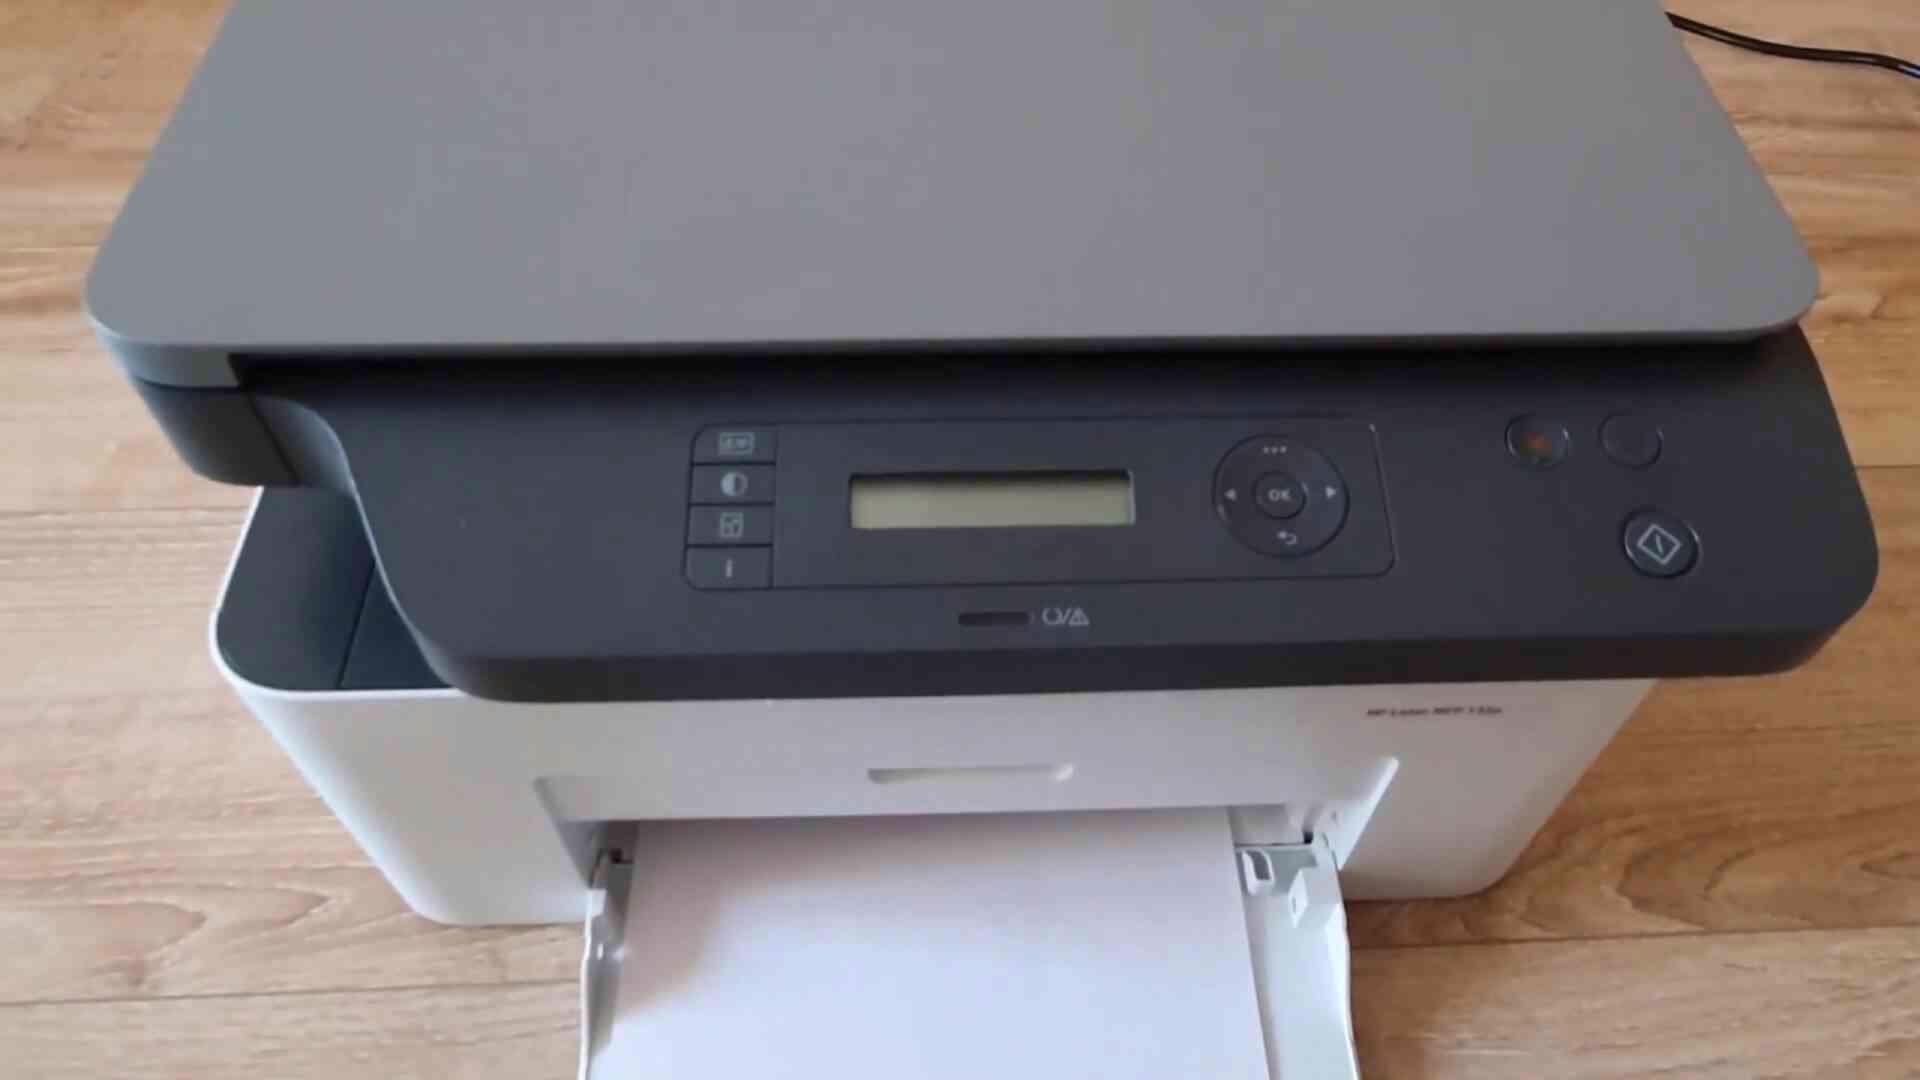 Tiskárna multifunkční HP LaserJet MFP 135a - foto 1